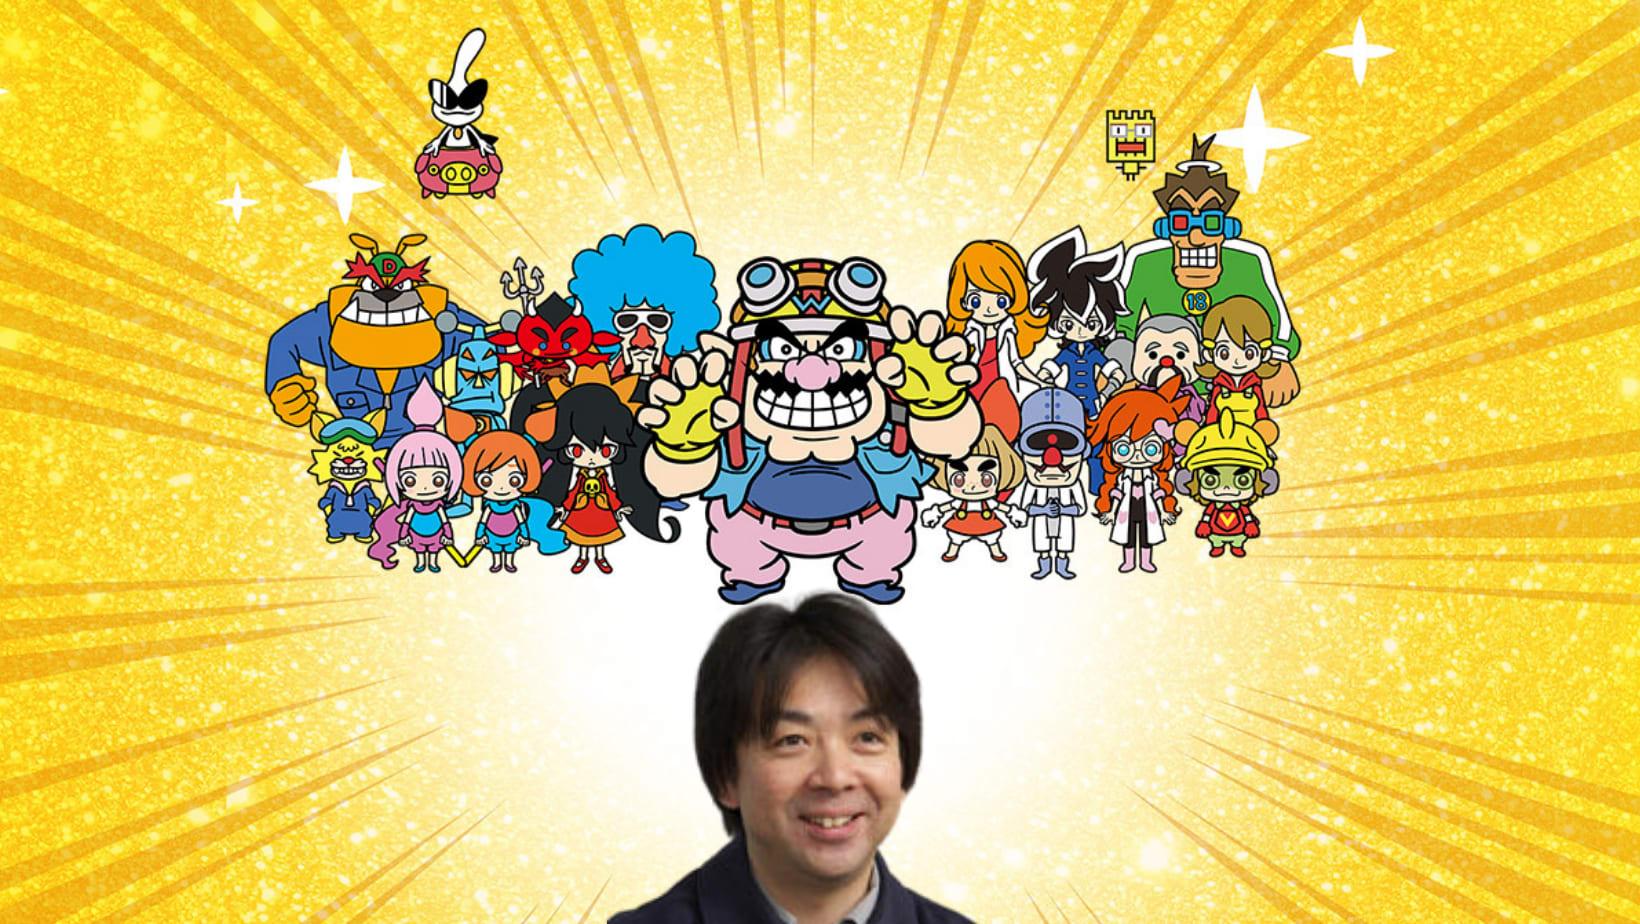 Ko a frente de seus personagens em Wario Ware